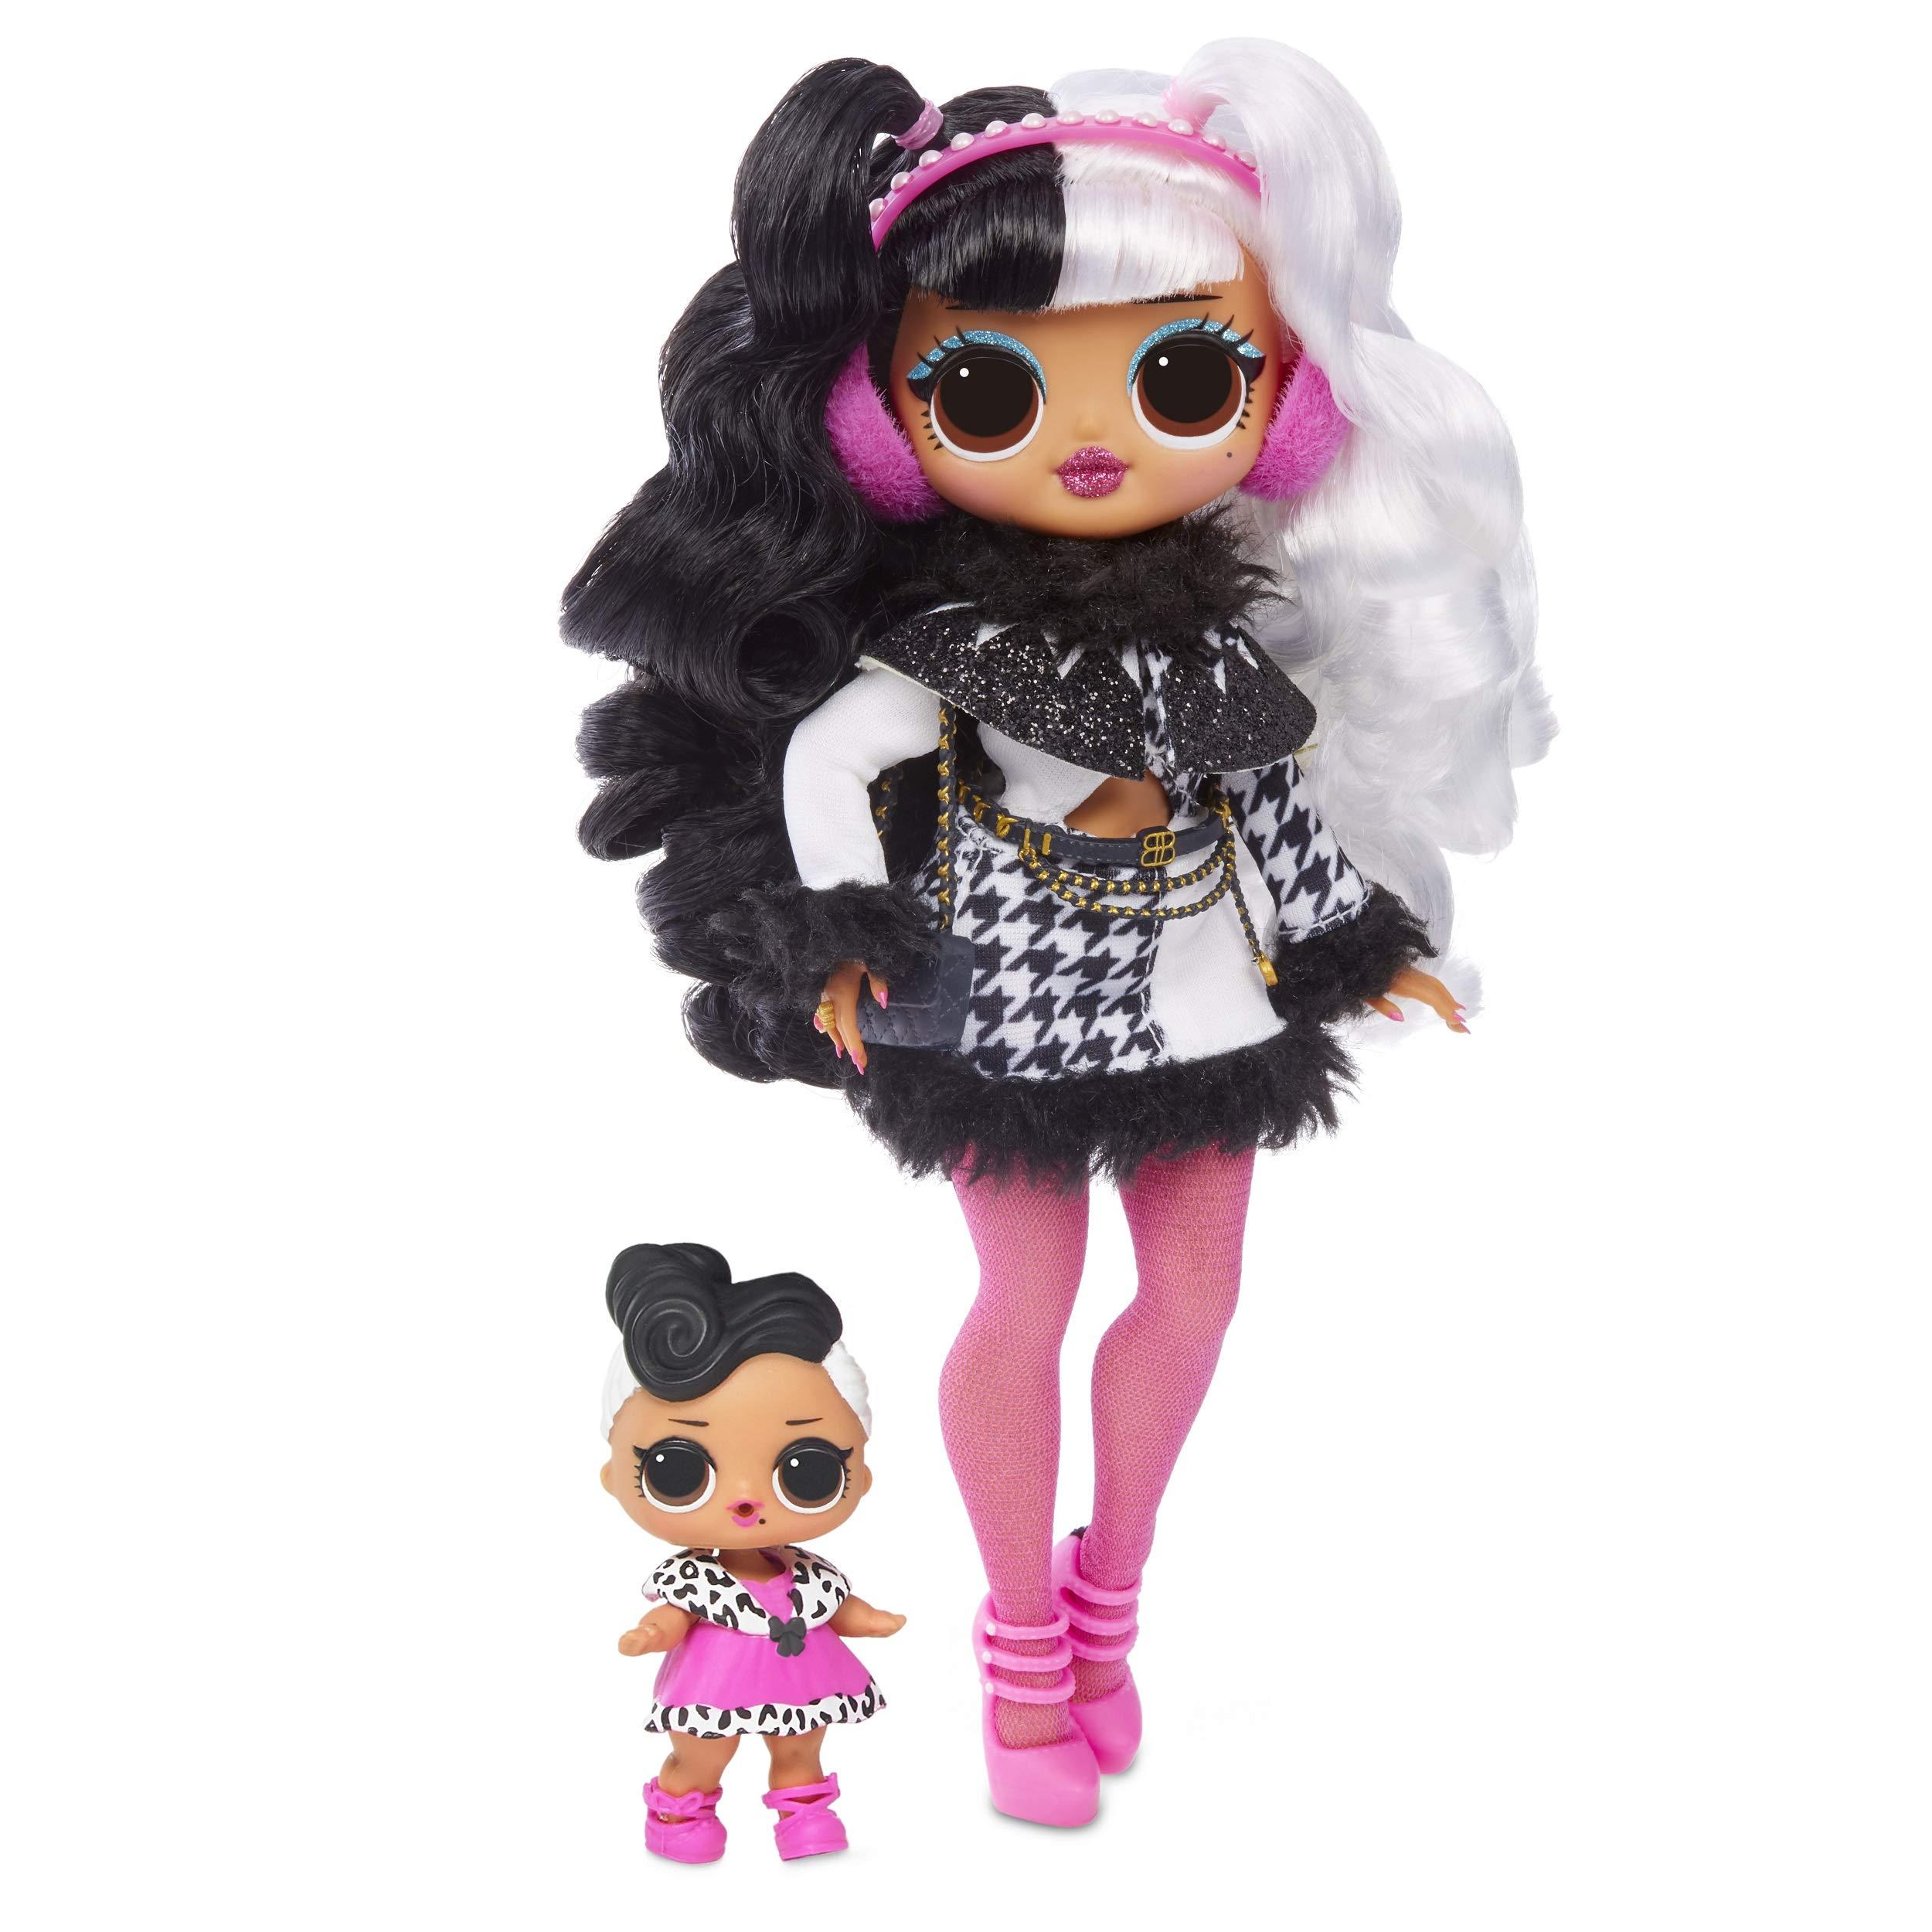 L.O.L 서프라이즈 윈터 디스코 '돌리' 패션 인형 LOL Surprise L.O.L. Surprise! O.M.G. Winter Disco Dollie Fashion Doll & Sister